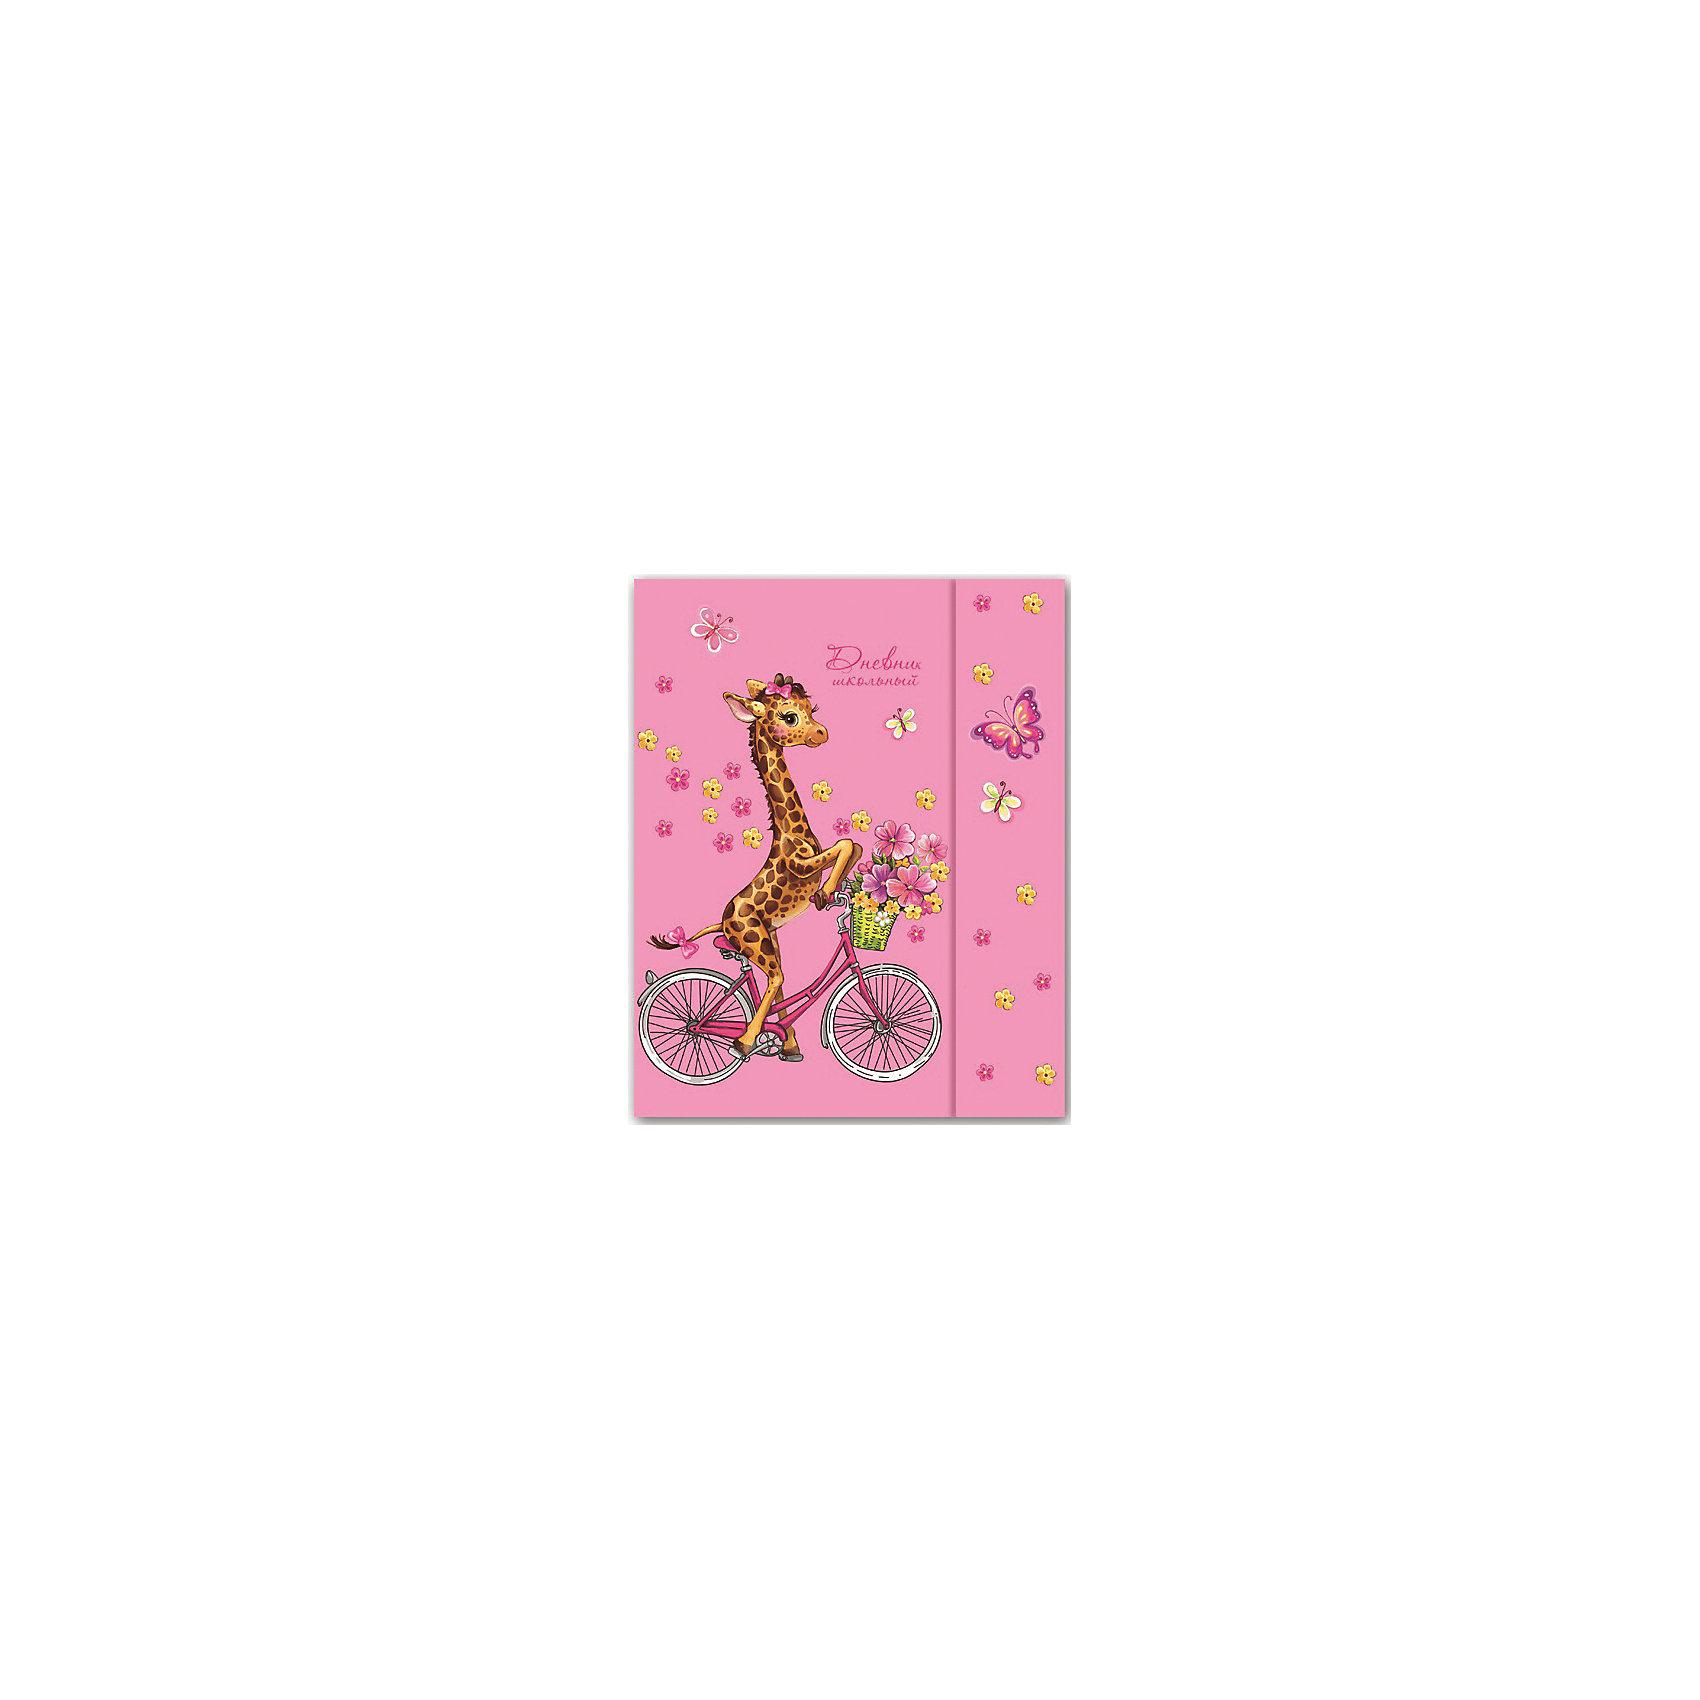 Дневник Жираф и велосипедОдна из важнейших школьных принадлежностей - дневник. Он нужен каждому школьнику. Занятия ребенка в школе всегда требуют приобретения атрибутов для учебы. Так пусть они будут стильными и качественными! Ведь учиться с ними - намного приятней.<br>Школьный дневник Жираф и велосипед - стандартного формата А5. Обложка - из плотной бумаги с оригинальным рисунком. Листы надежно скреплены. Изделие произведено из качественных и безопасных для ребенка материалов.<br><br>Дополнительная информация:<br><br>цвет: разноцветный;<br>формат: А5;<br>материал: бумага.<br><br>Дневник Жираф и велосипед можно купить в нашем магазине.<br><br>Ширина мм: 215<br>Глубина мм: 170<br>Высота мм: 10<br>Вес г: 270<br>Возраст от месяцев: 72<br>Возраст до месяцев: 192<br>Пол: Женский<br>Возраст: Детский<br>SKU: 4746243